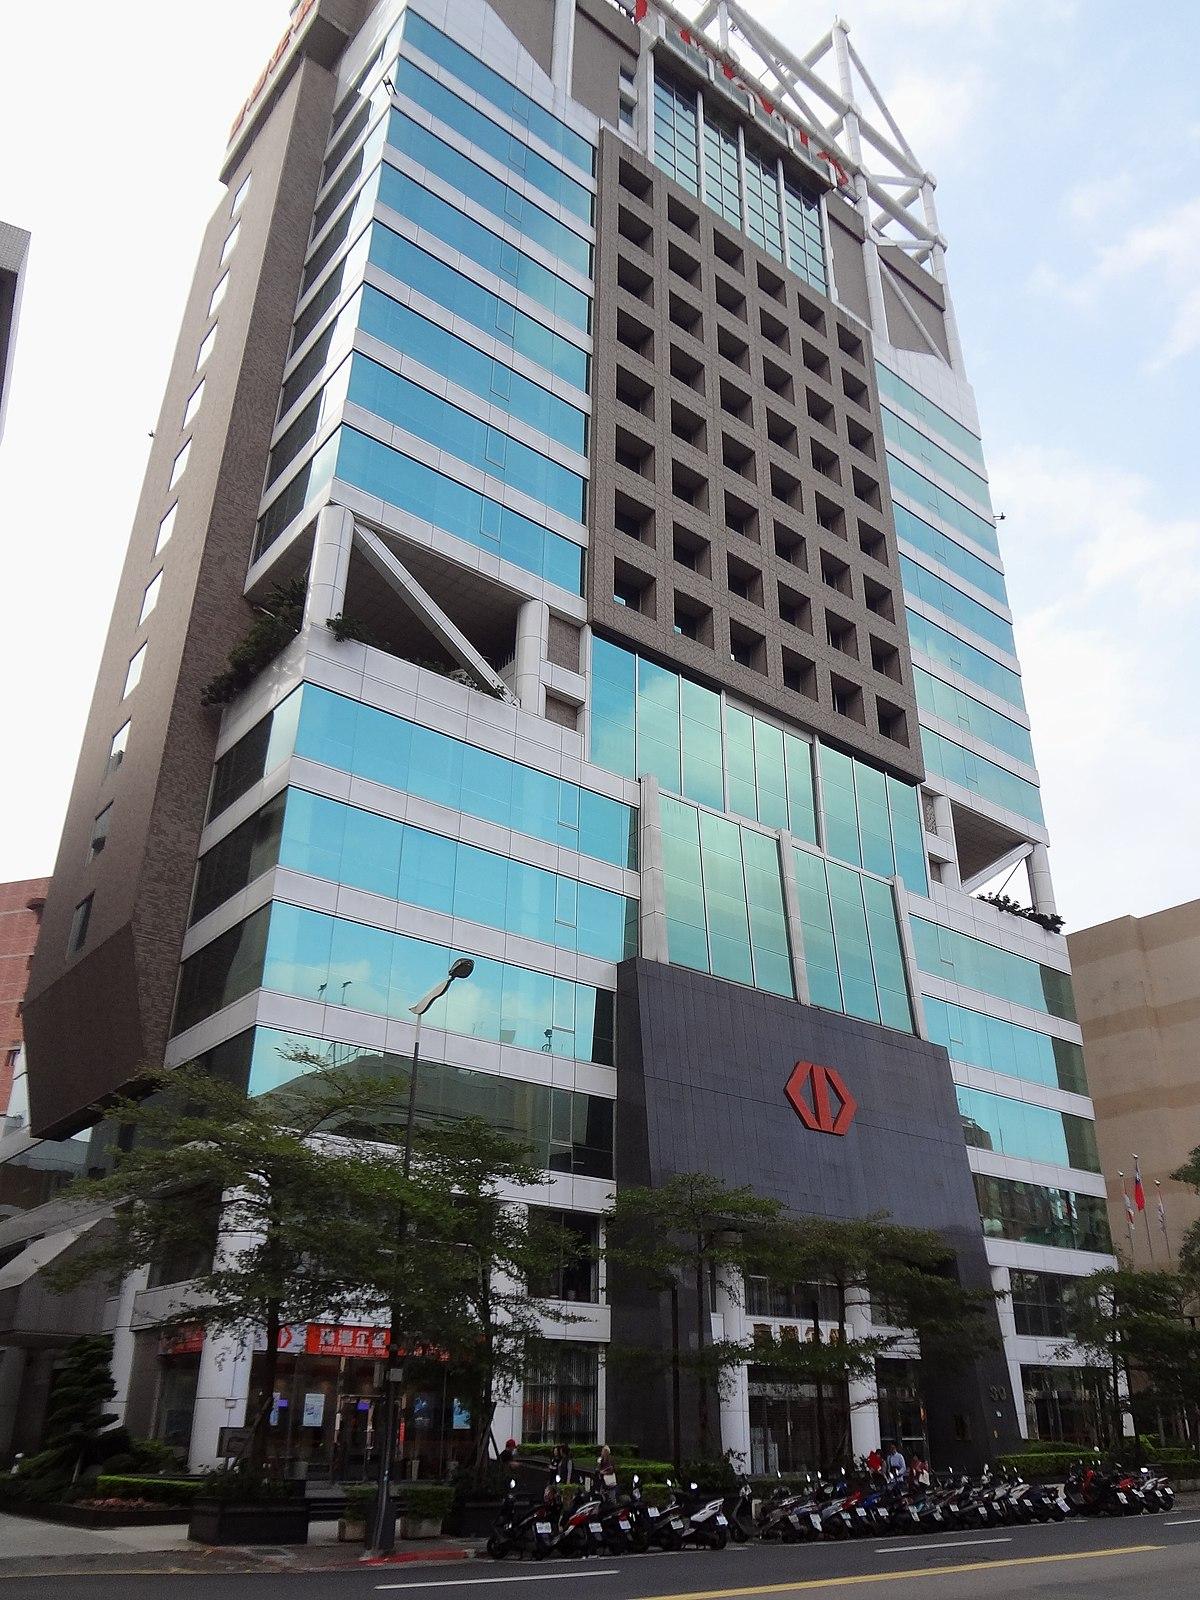 臺灣中小企業銀行 - 維基百科,自由的百科全書